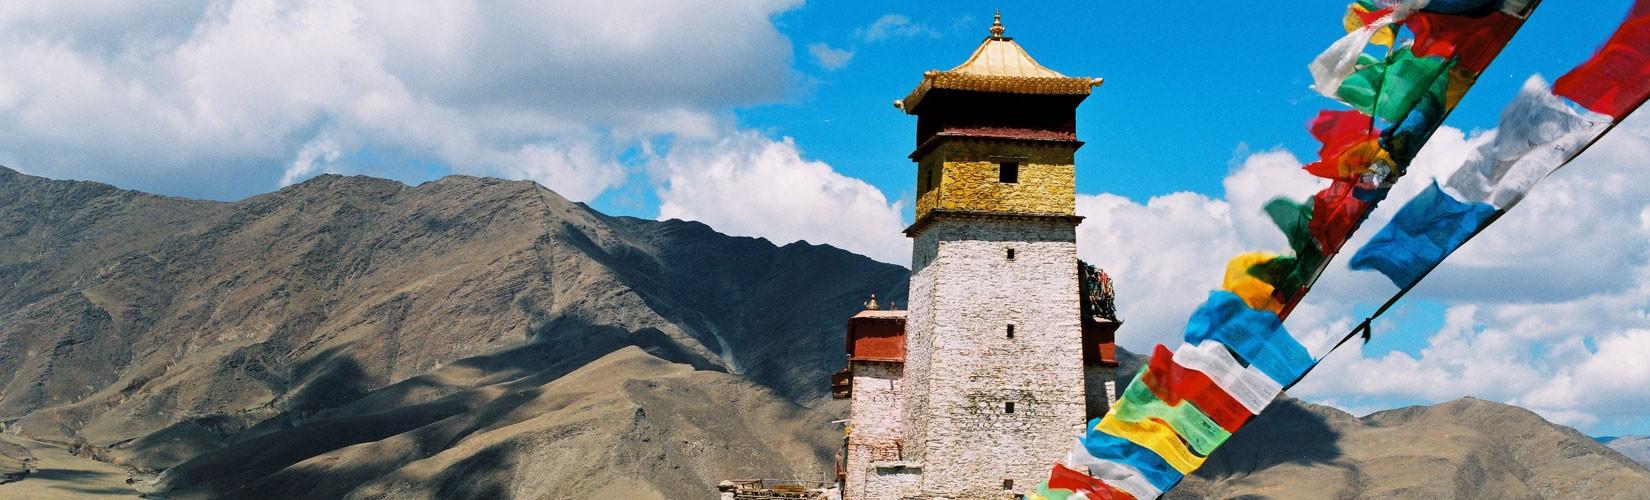 Shangrila in Tibet